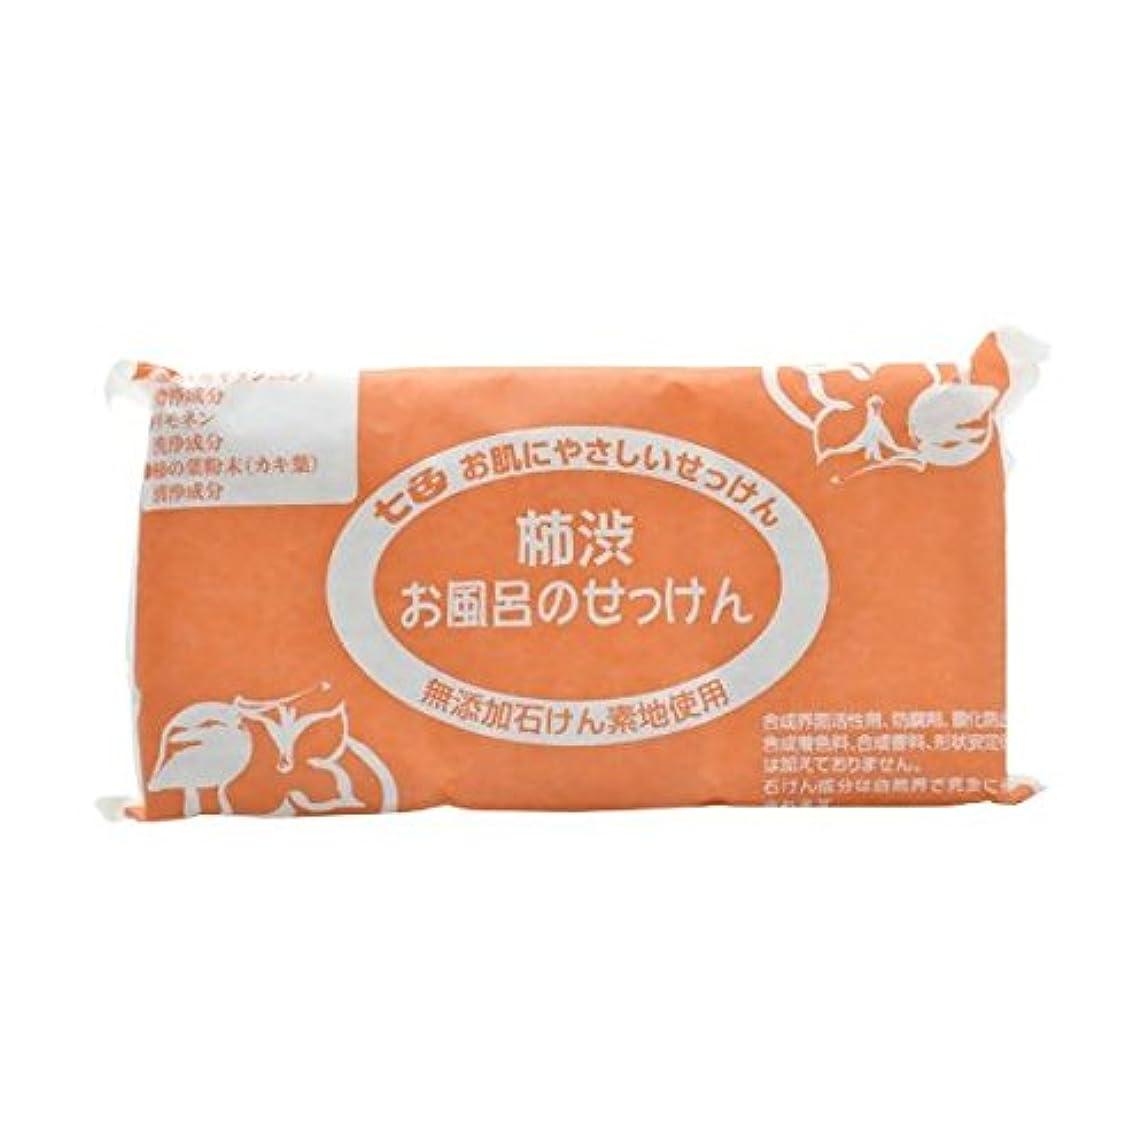 略す無法者大陸(まとめ買い)七色 お風呂のせっけん 柿渋(無添加石鹸) 100g×3個入×9セット